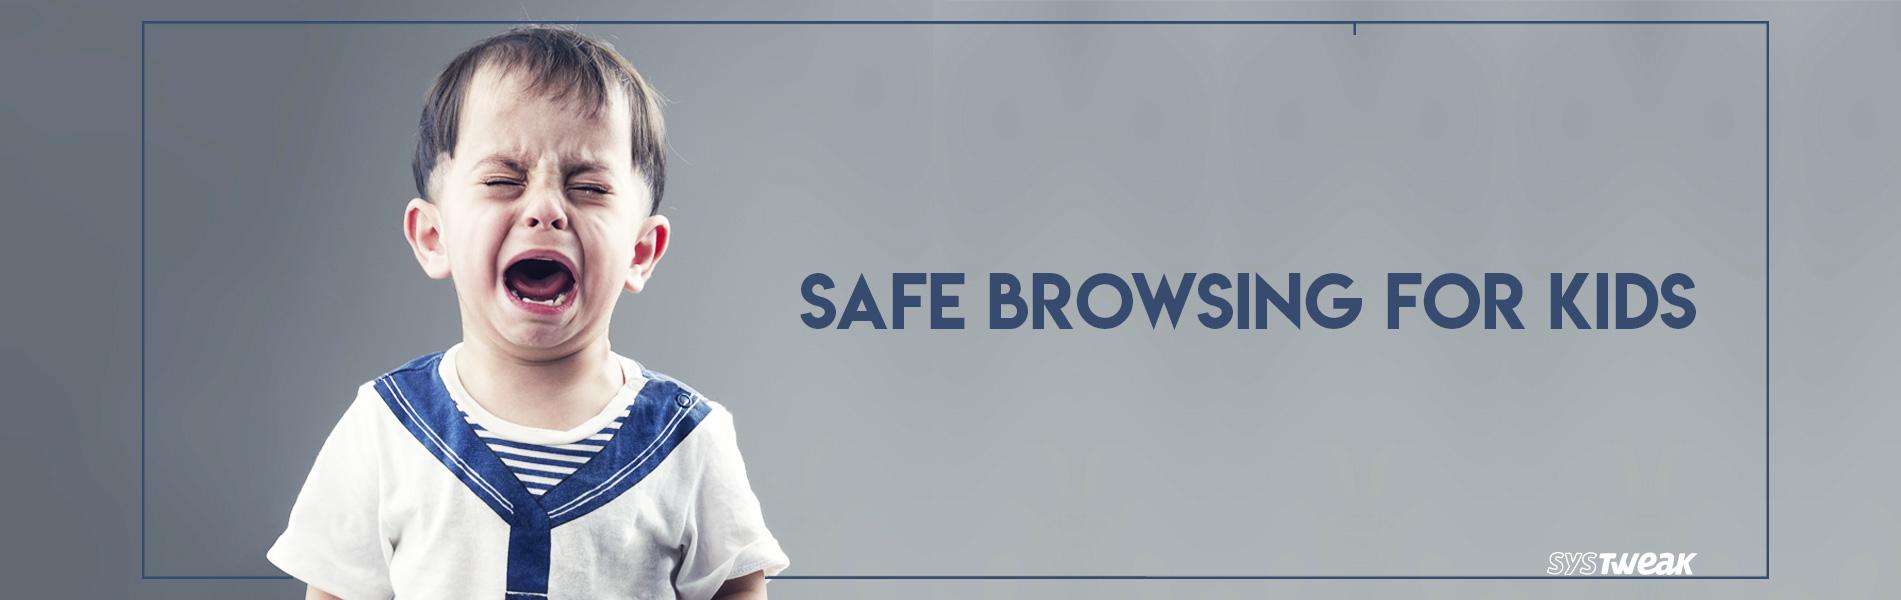 Parental Control Apps To Keep Kids Safe Online